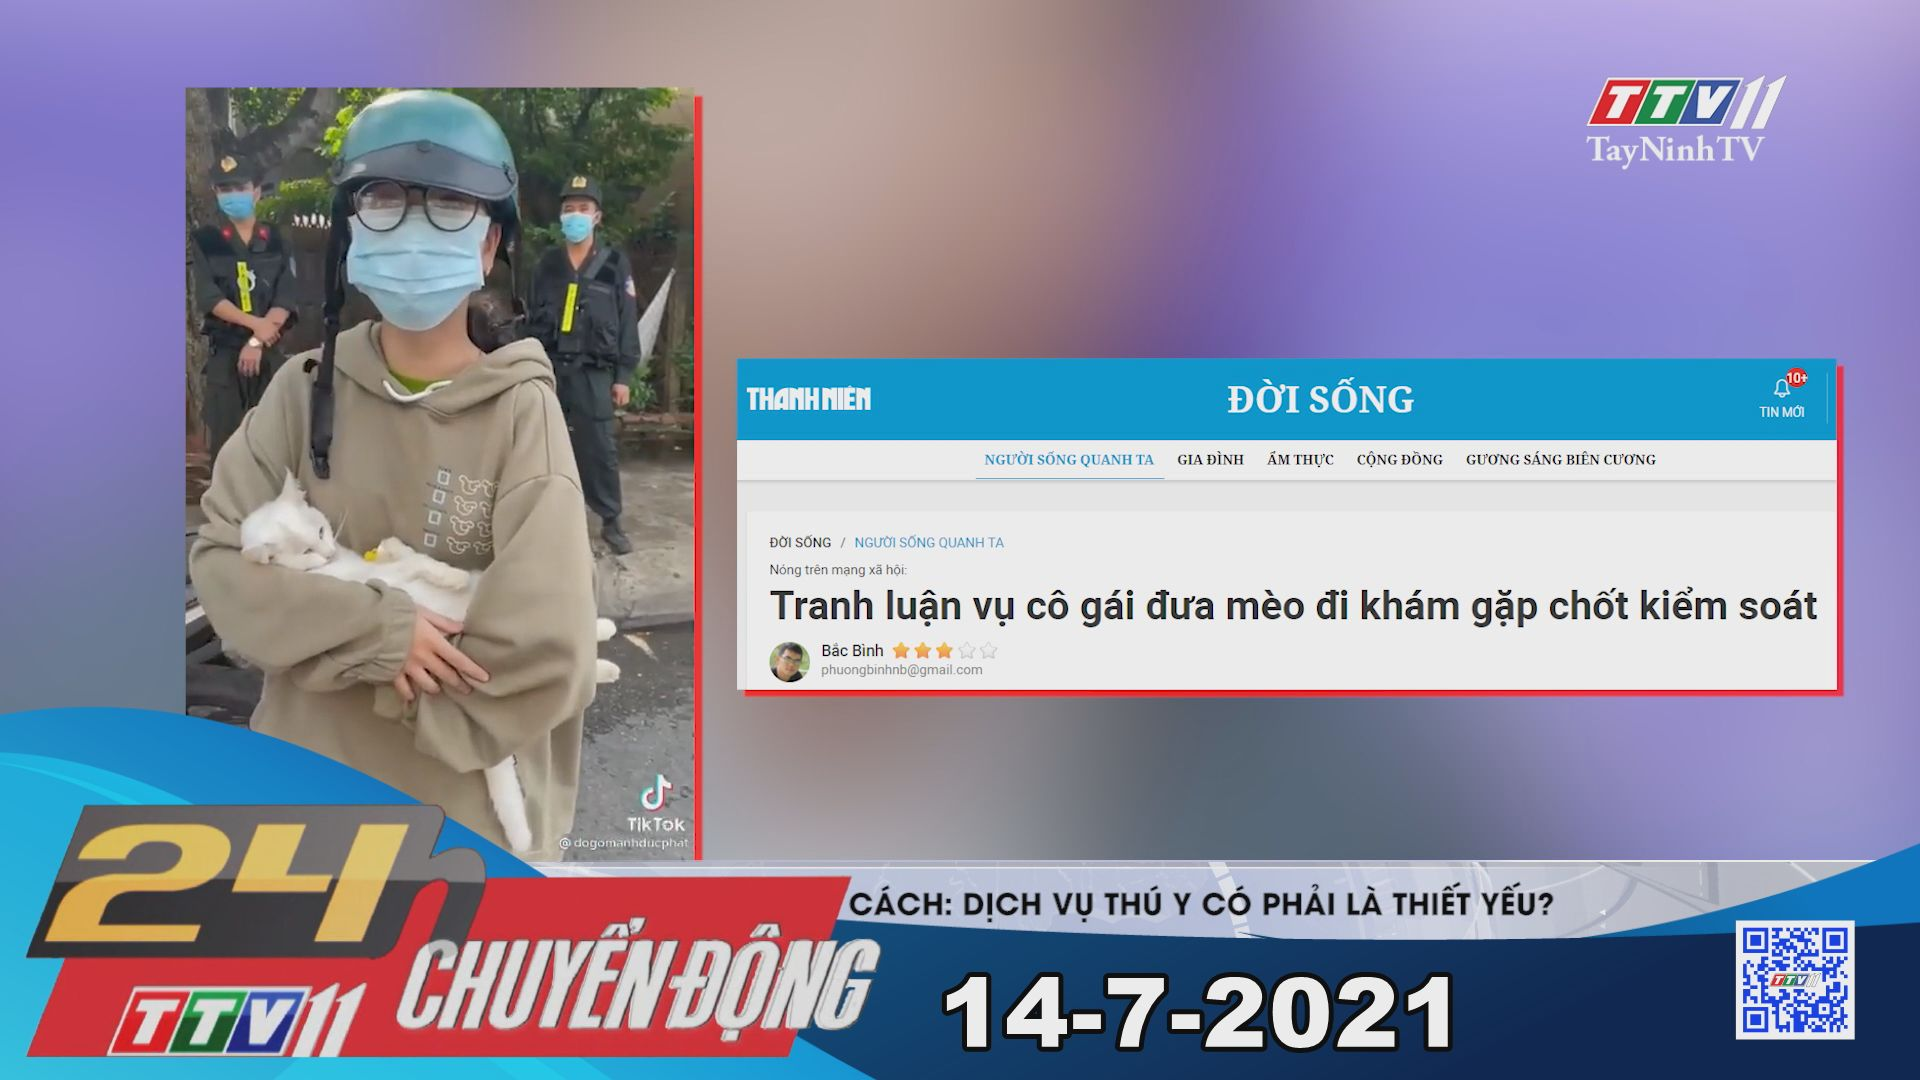 24h Chuyển động 14-7-2021 | Tin tức hôm nay | TayNinhTV